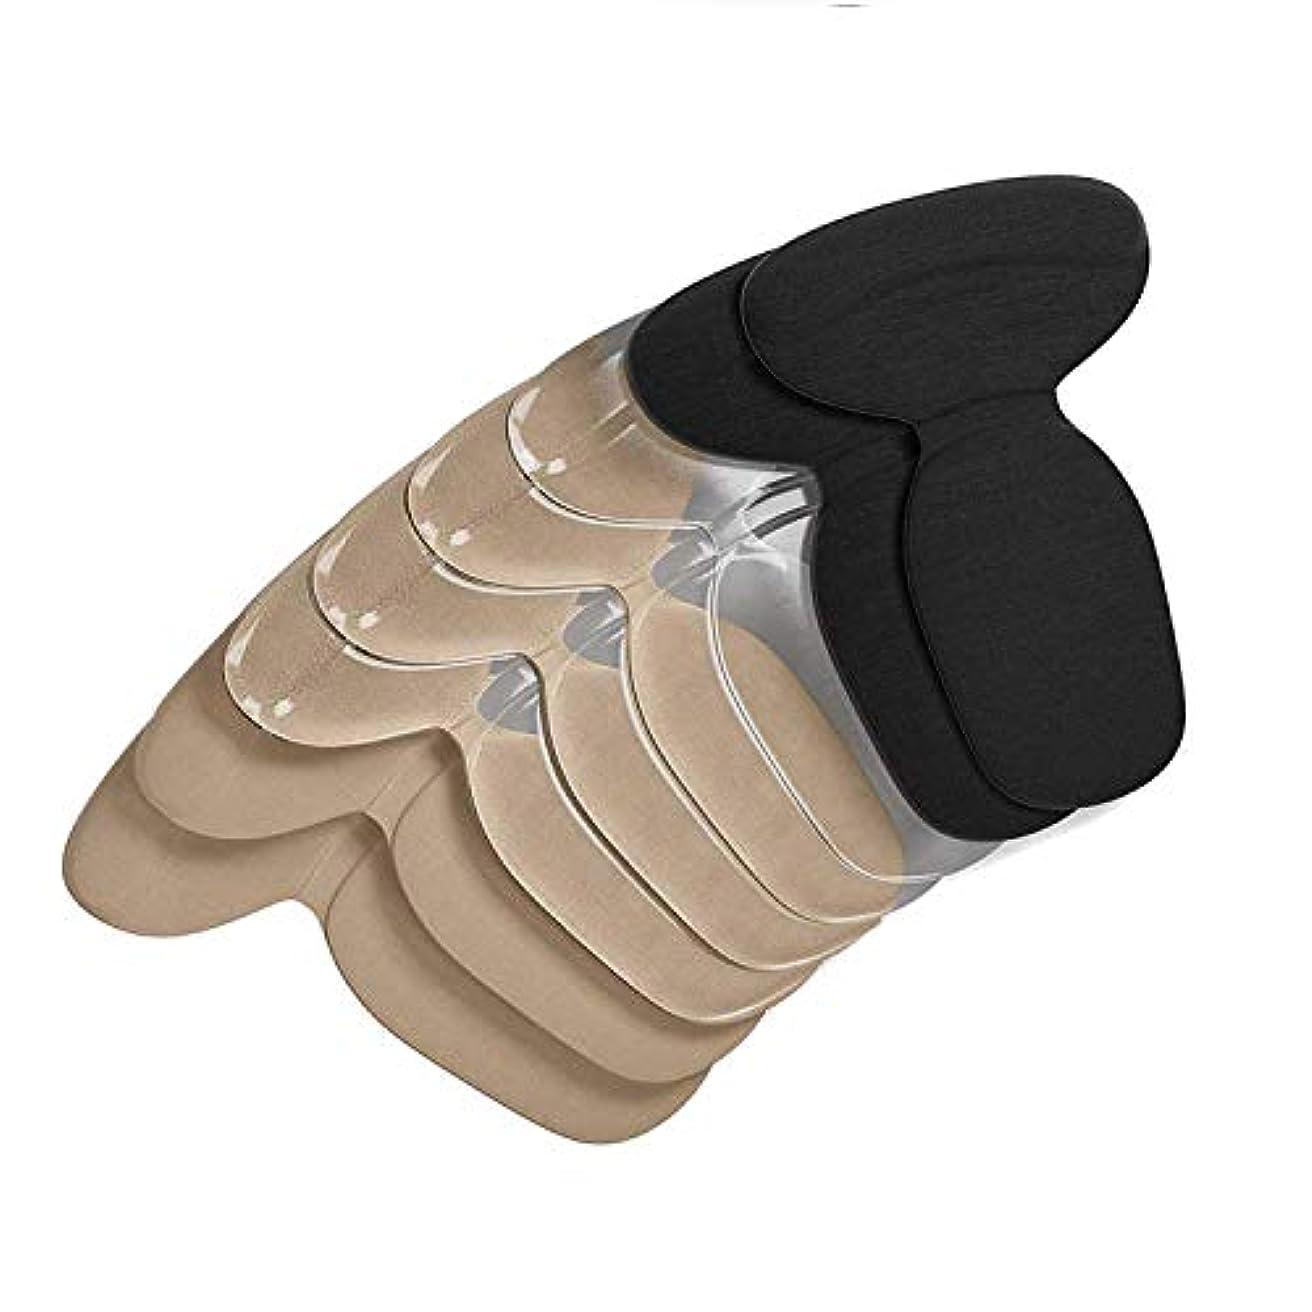 ワーム精度歩道4ペア 靴擦れ防止 かかと パッド インソール 滑り止め 保護 ハイヒール 革靴 スニーカーに対応 メンズ レディース